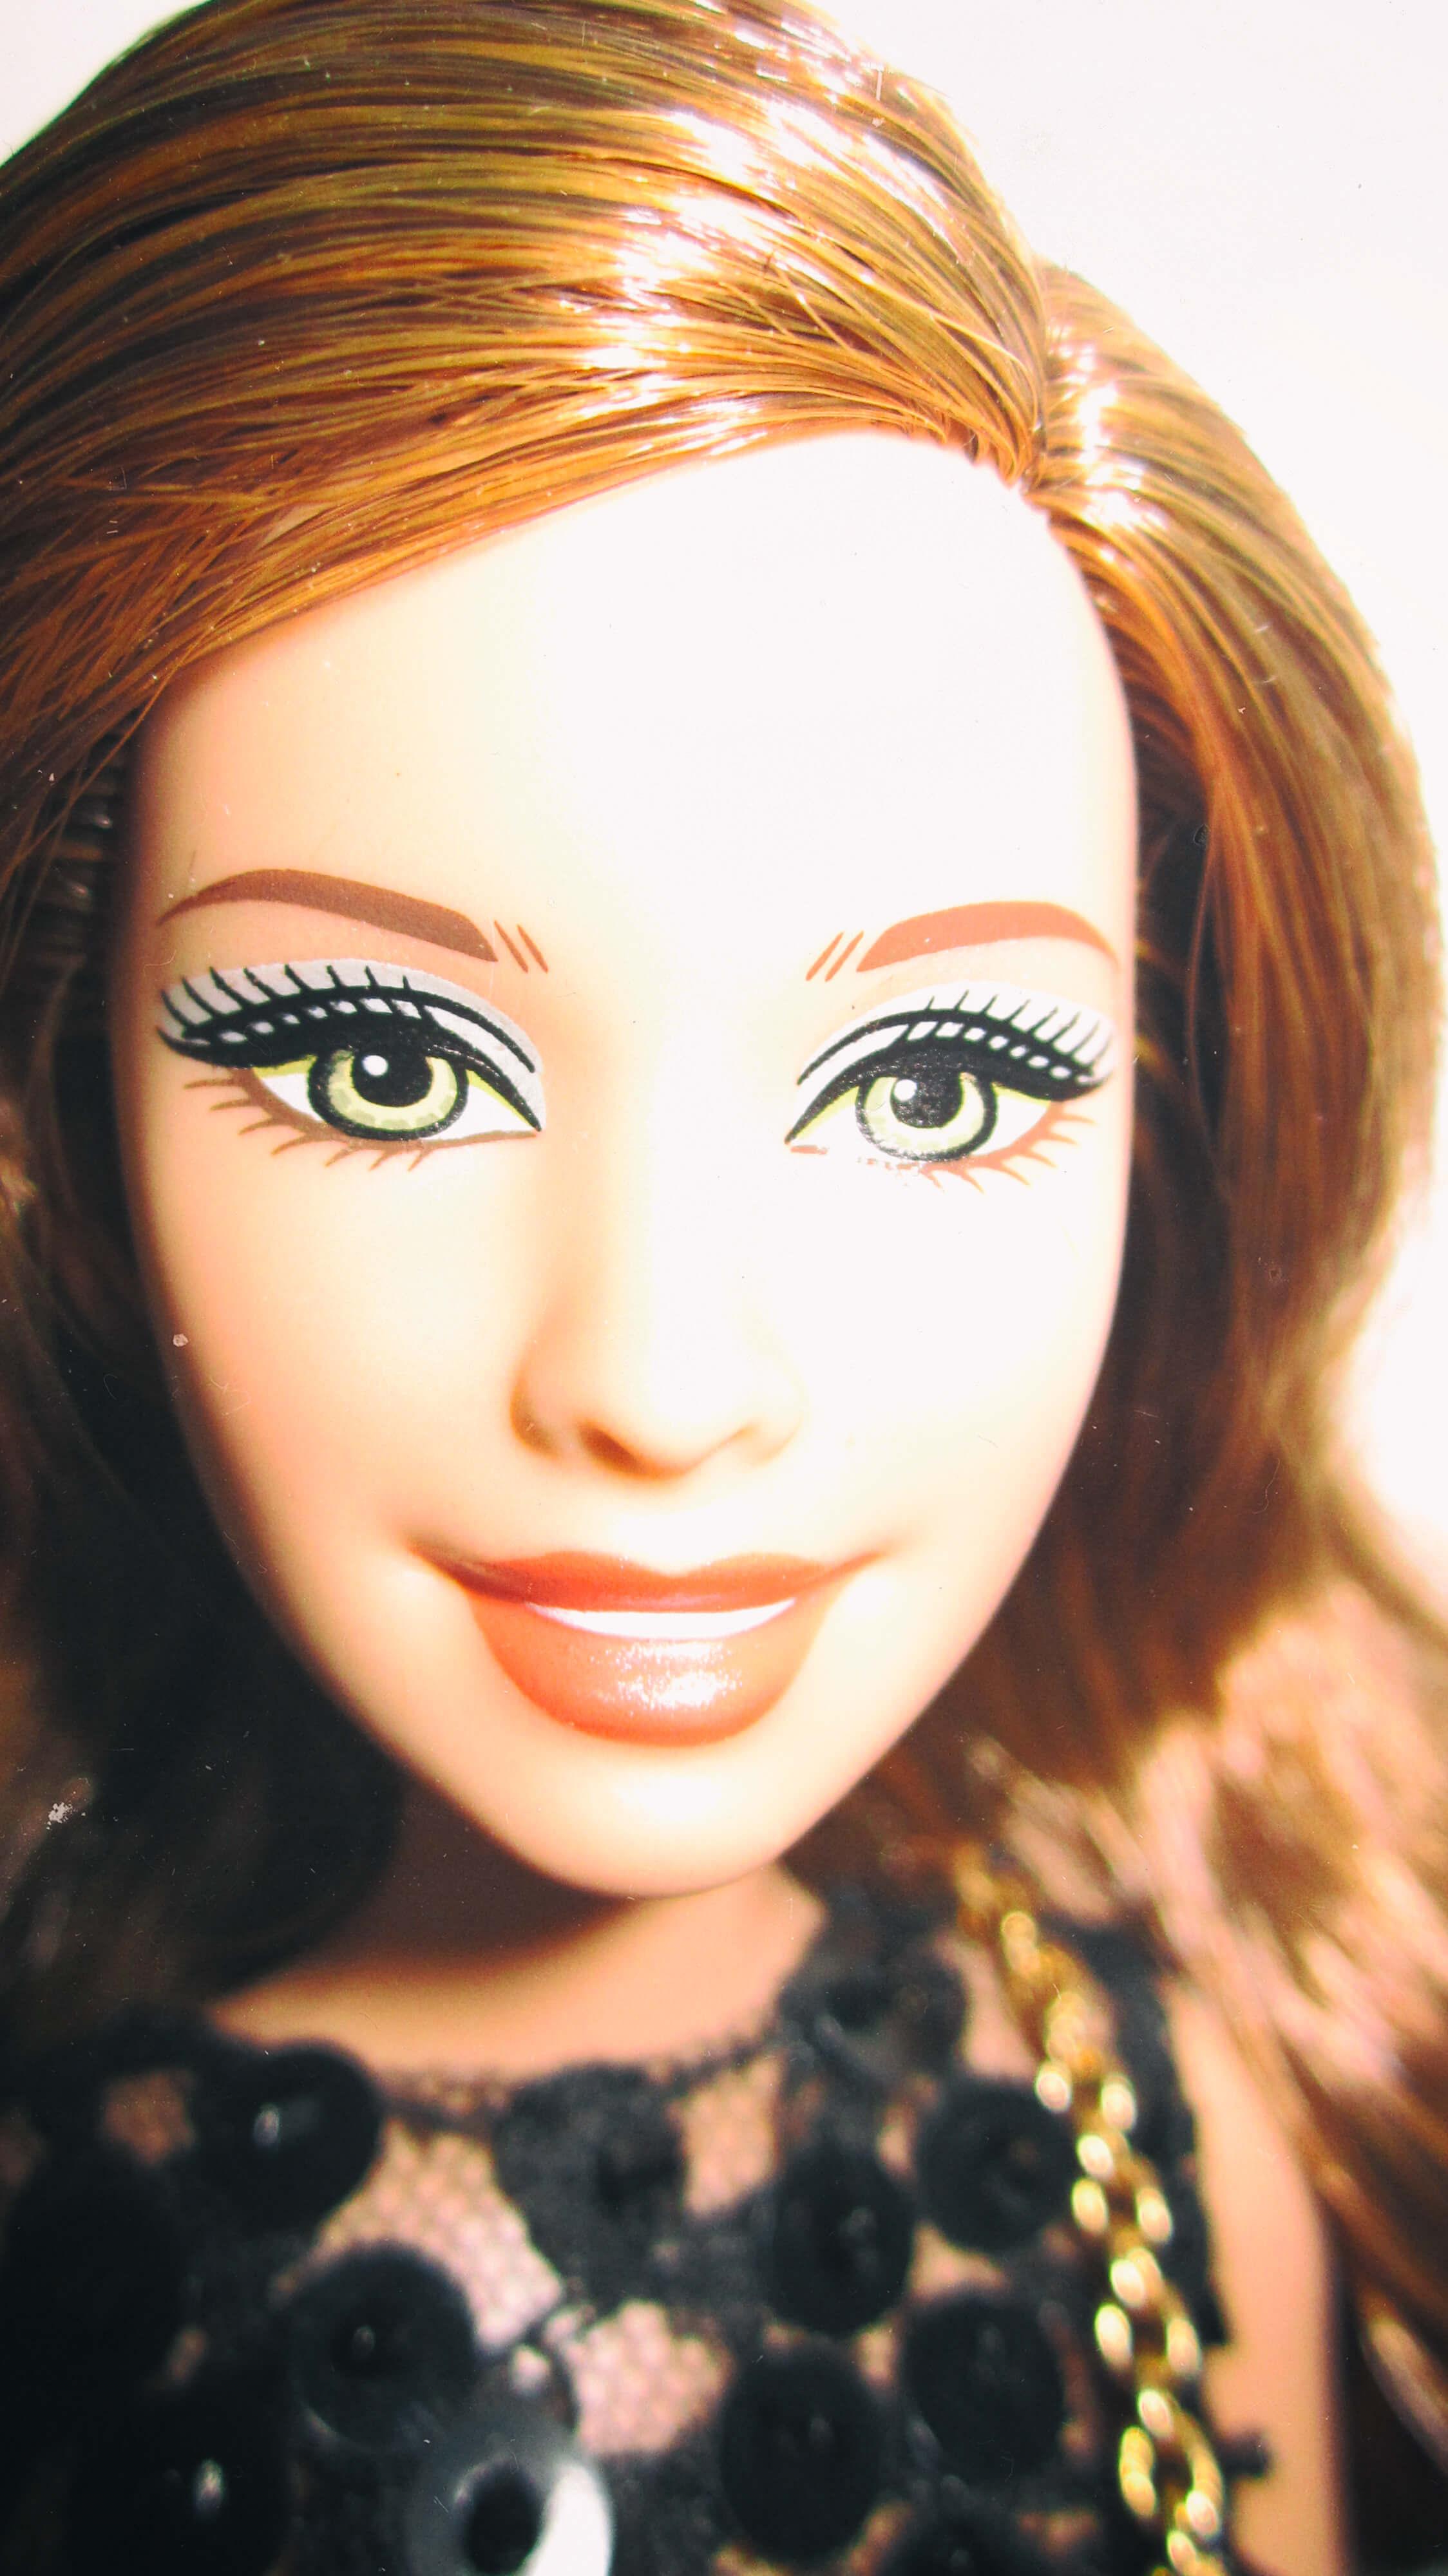 Barbie02 - Teresa / Tess